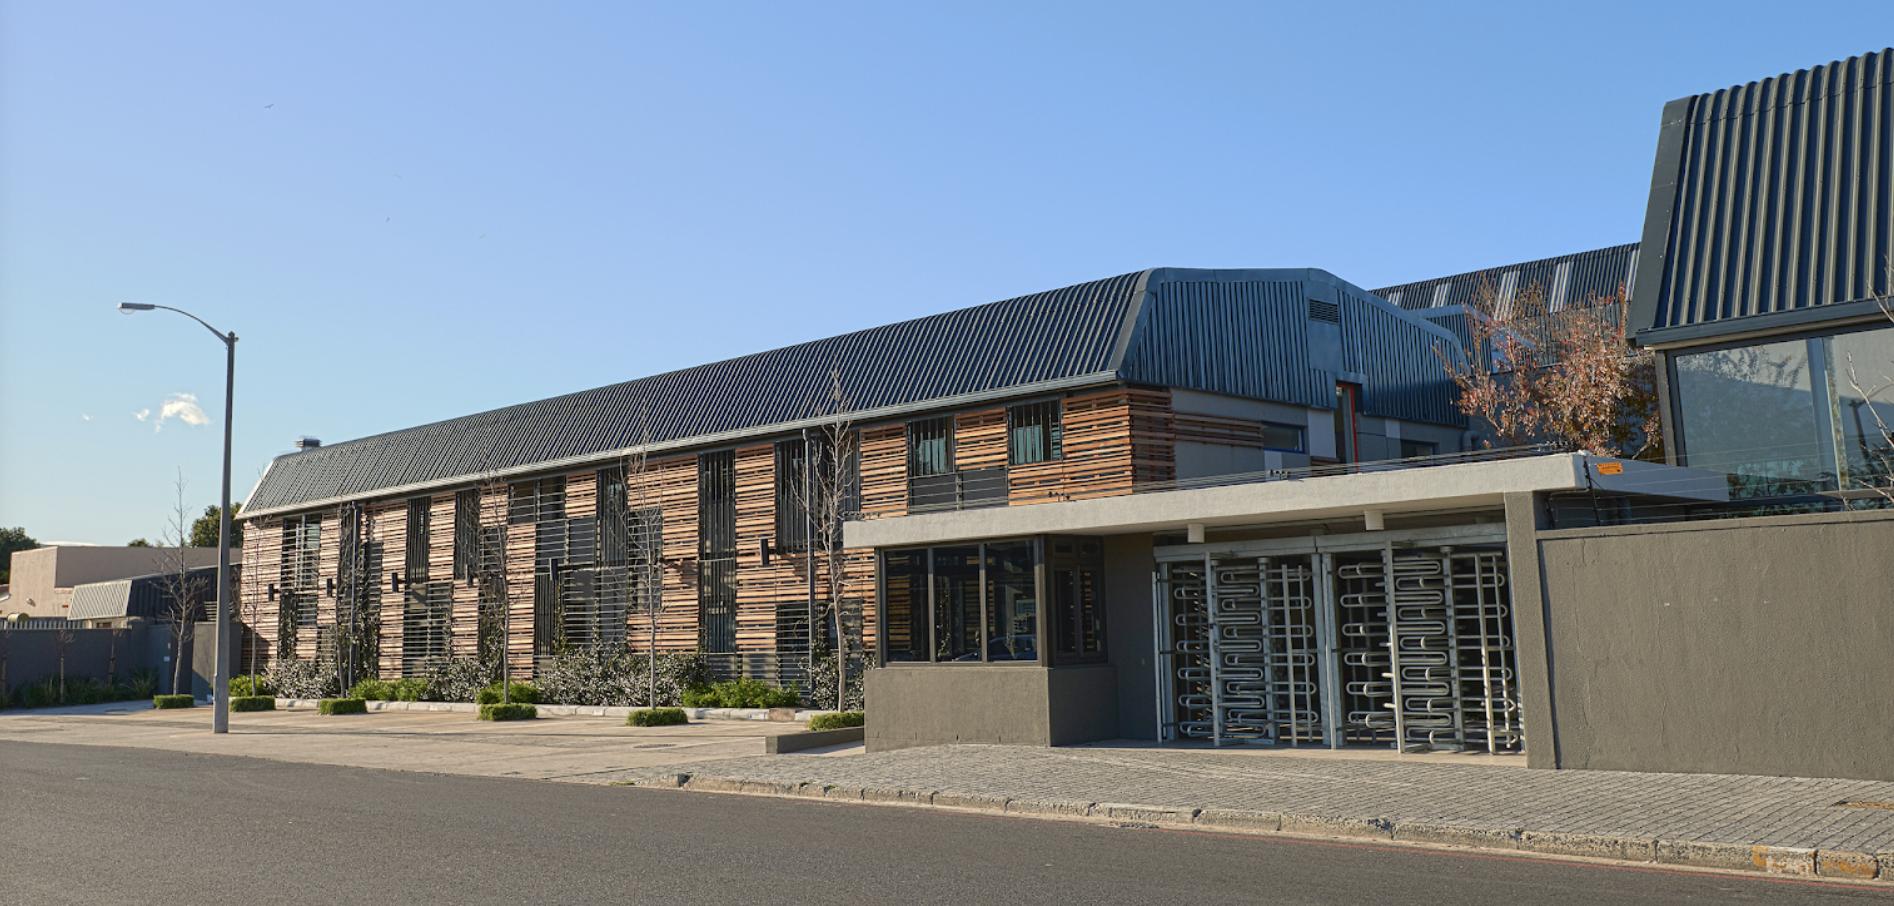 capfin building